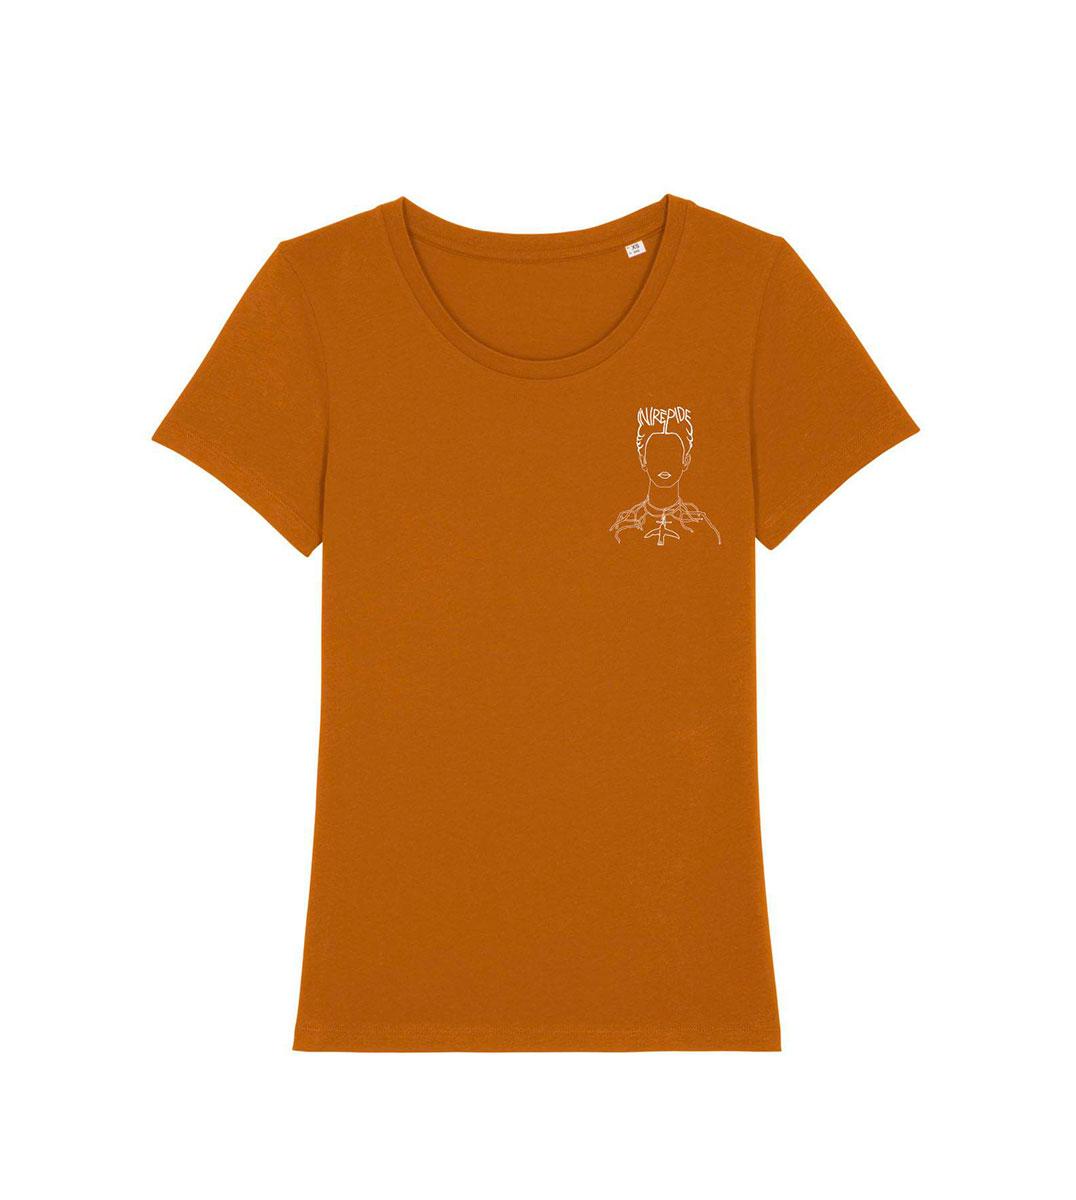 mockup d'un tshirt camel en coton bio, sur ce tshirt il y a un dessin artistique qui représente une oeuvre de Gustav Klimt